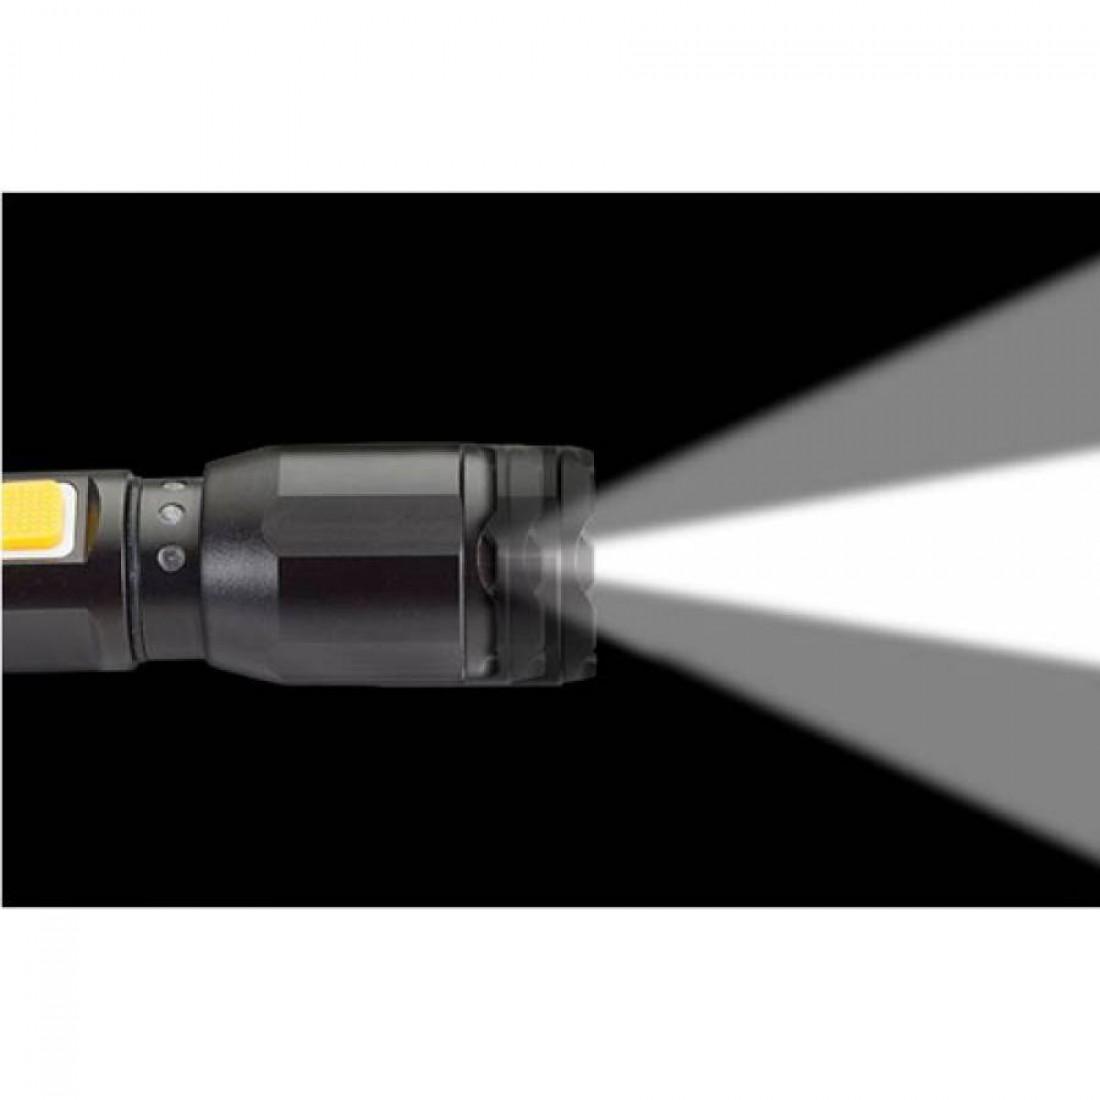 Φακός αλουμινίου επαναφορτιζόμενος με εστίαση δέσμης CREE LED 120 Lumens  CAT CT2105